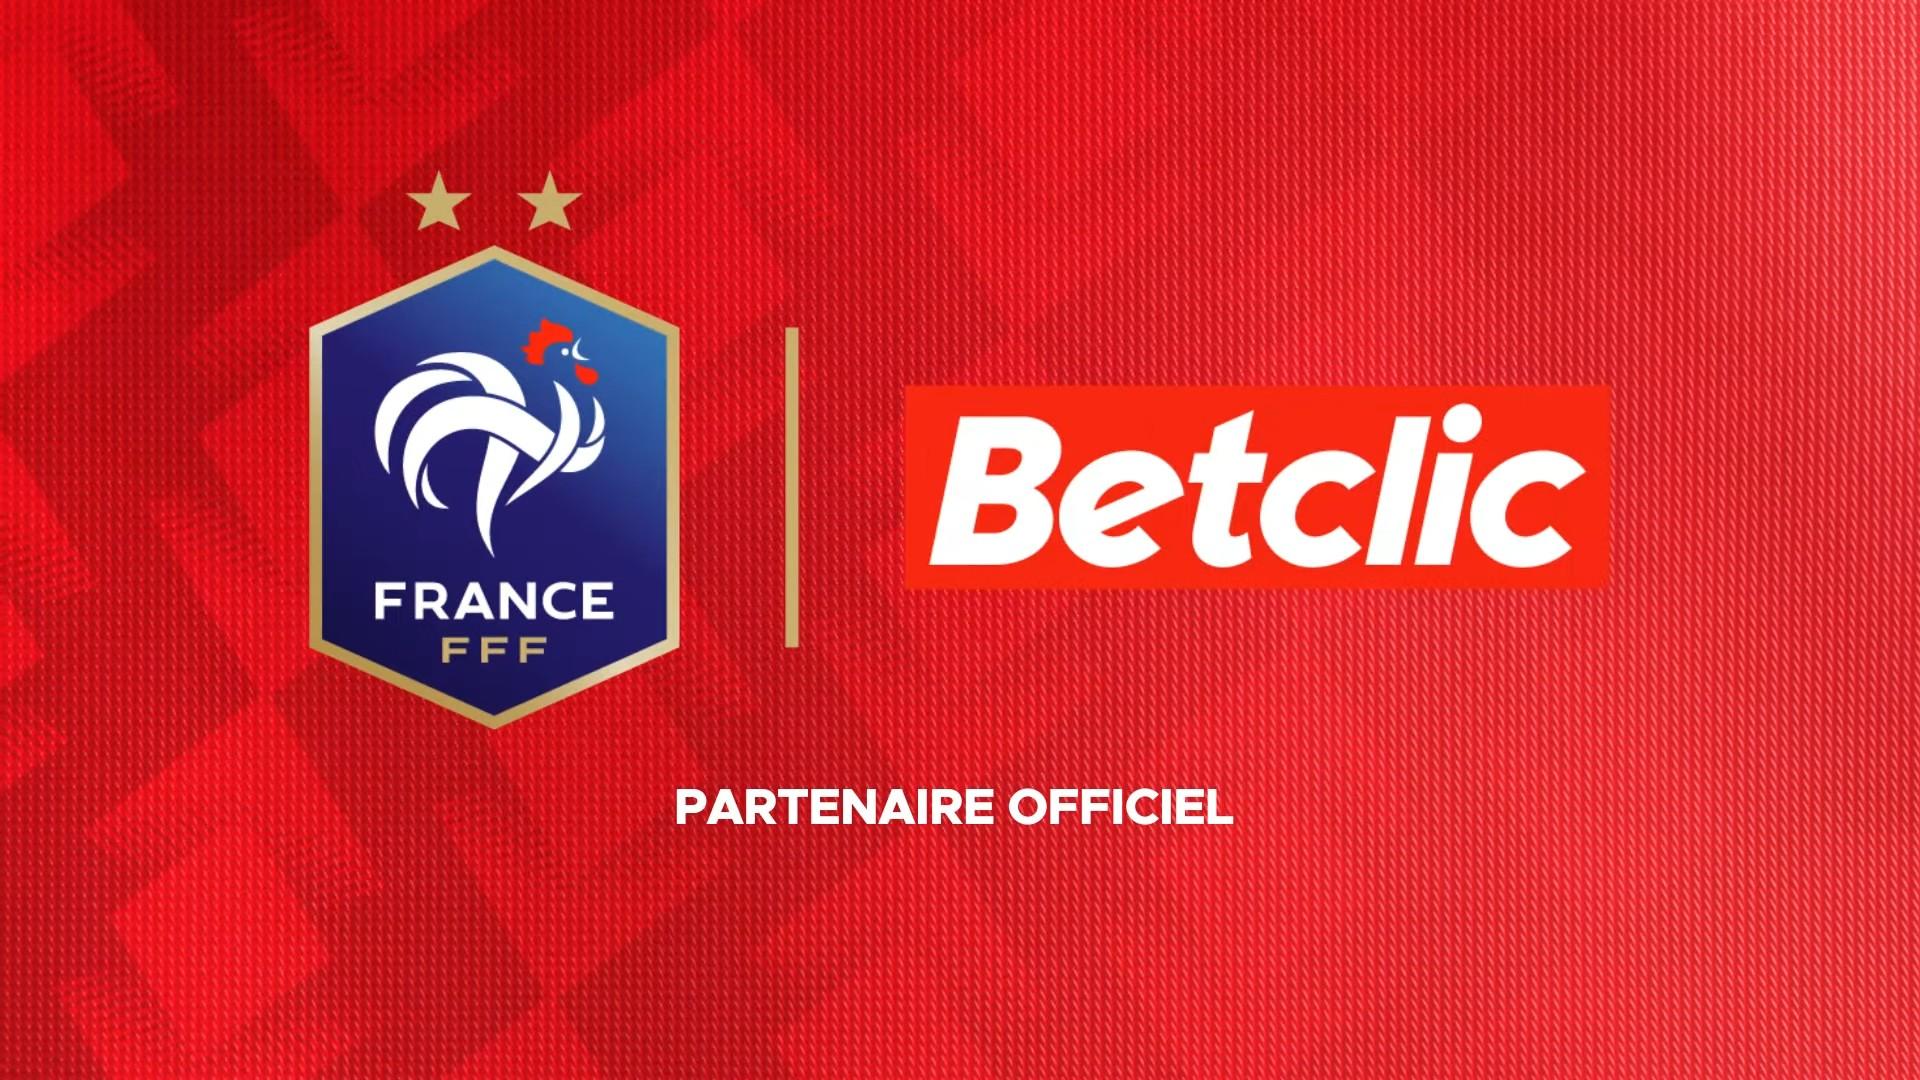 Betclic x FFF (football) 2021